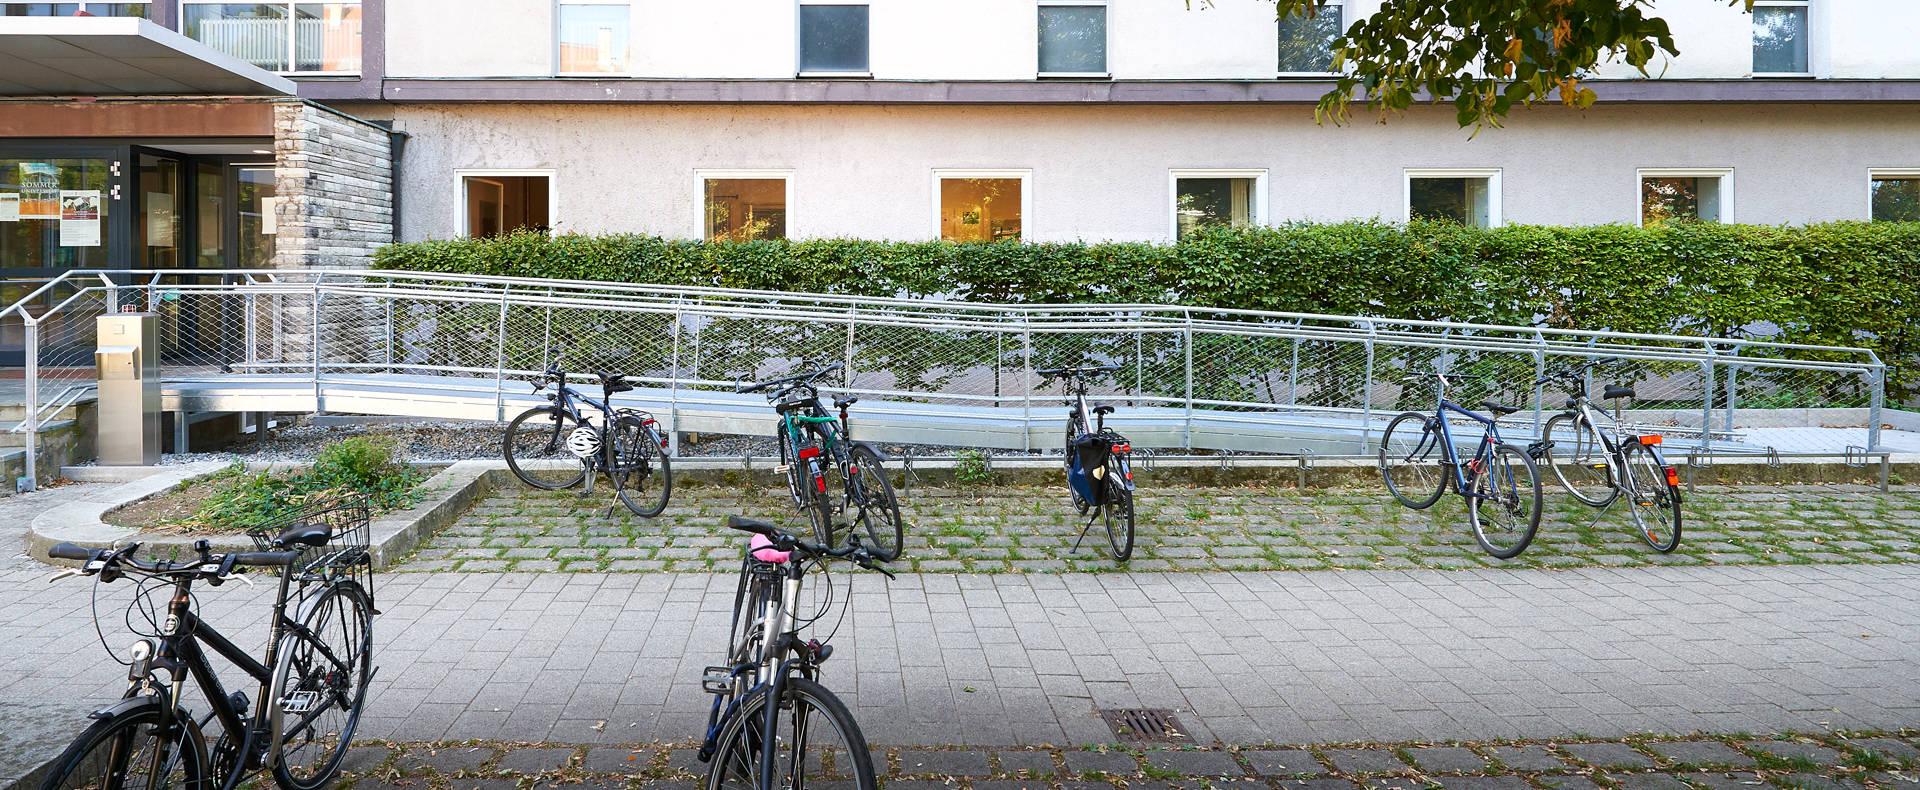 Hegelbau Tübingen_Headbild_1920x790